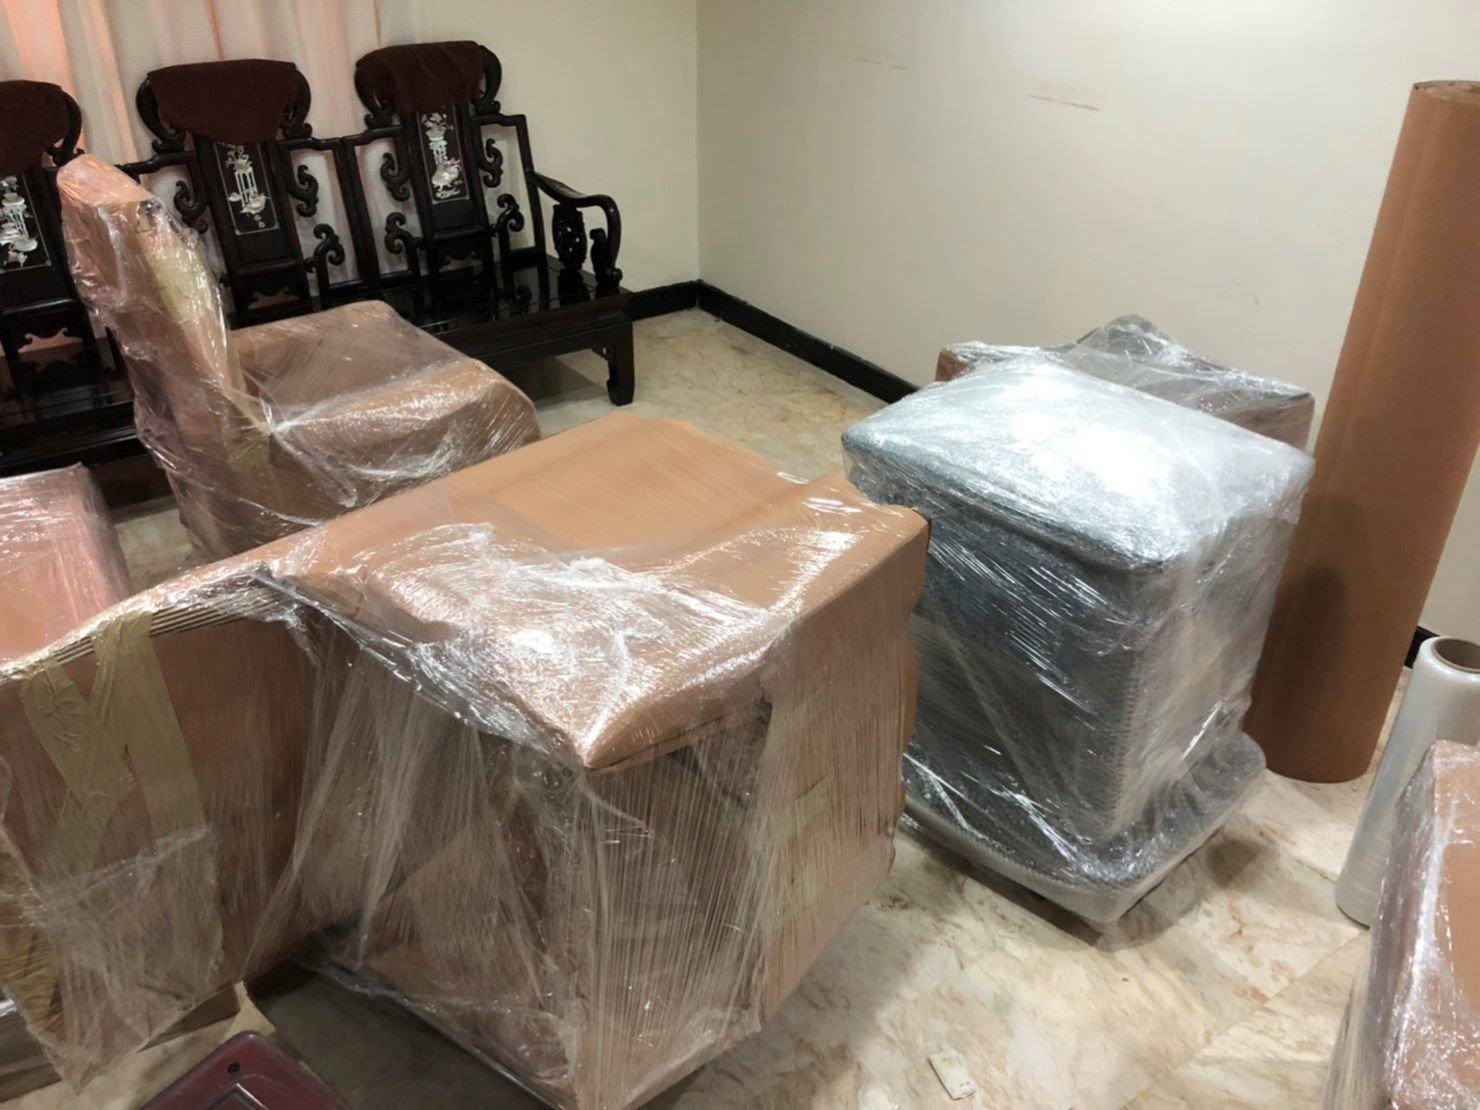 【榮福搬家公司】口碑第一、台北搬家推薦:客製化精緻包裝服務是針對顧客幾樣較貴重或特殊家具物件進行精緻打包處理。